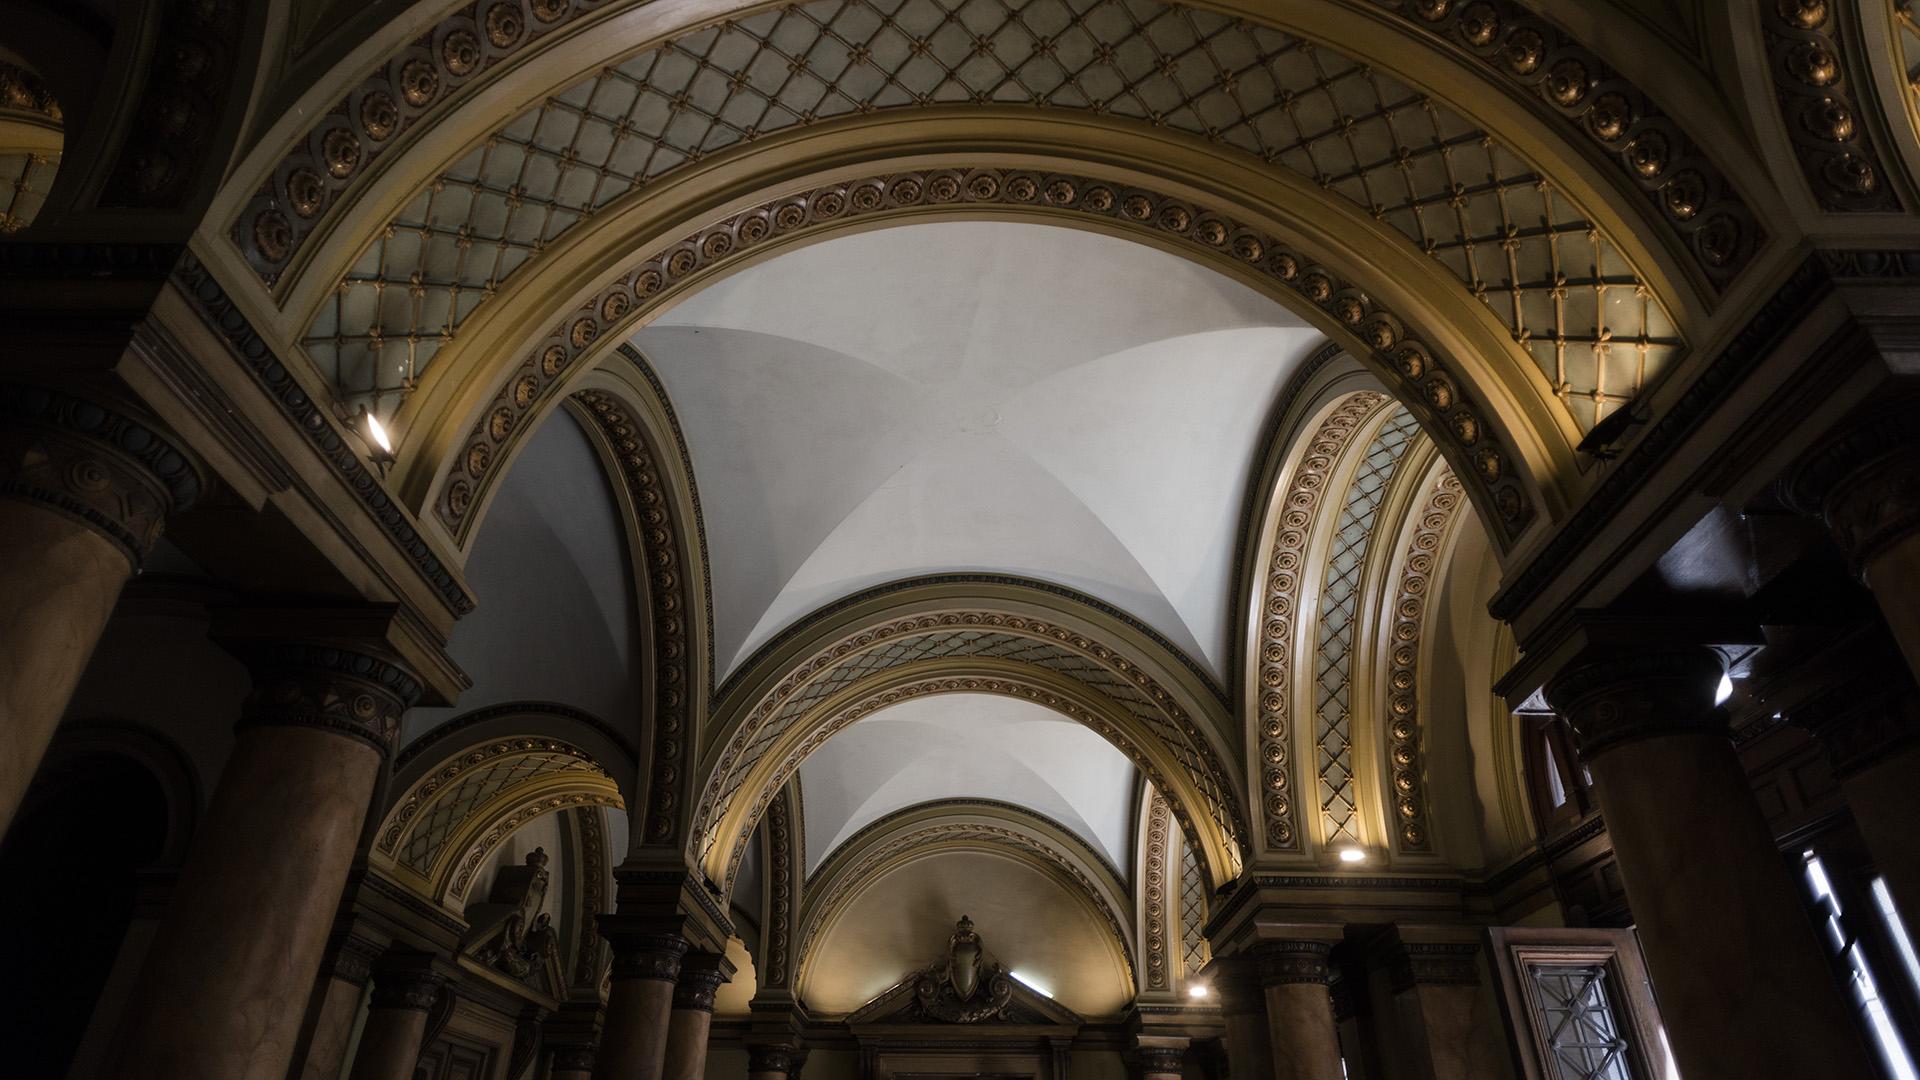 Presenta una fachada academicista compuesta según los principios clásicos de basamento-desarrollo-remate, tomando elementos decorativos de la arquitectura clásica